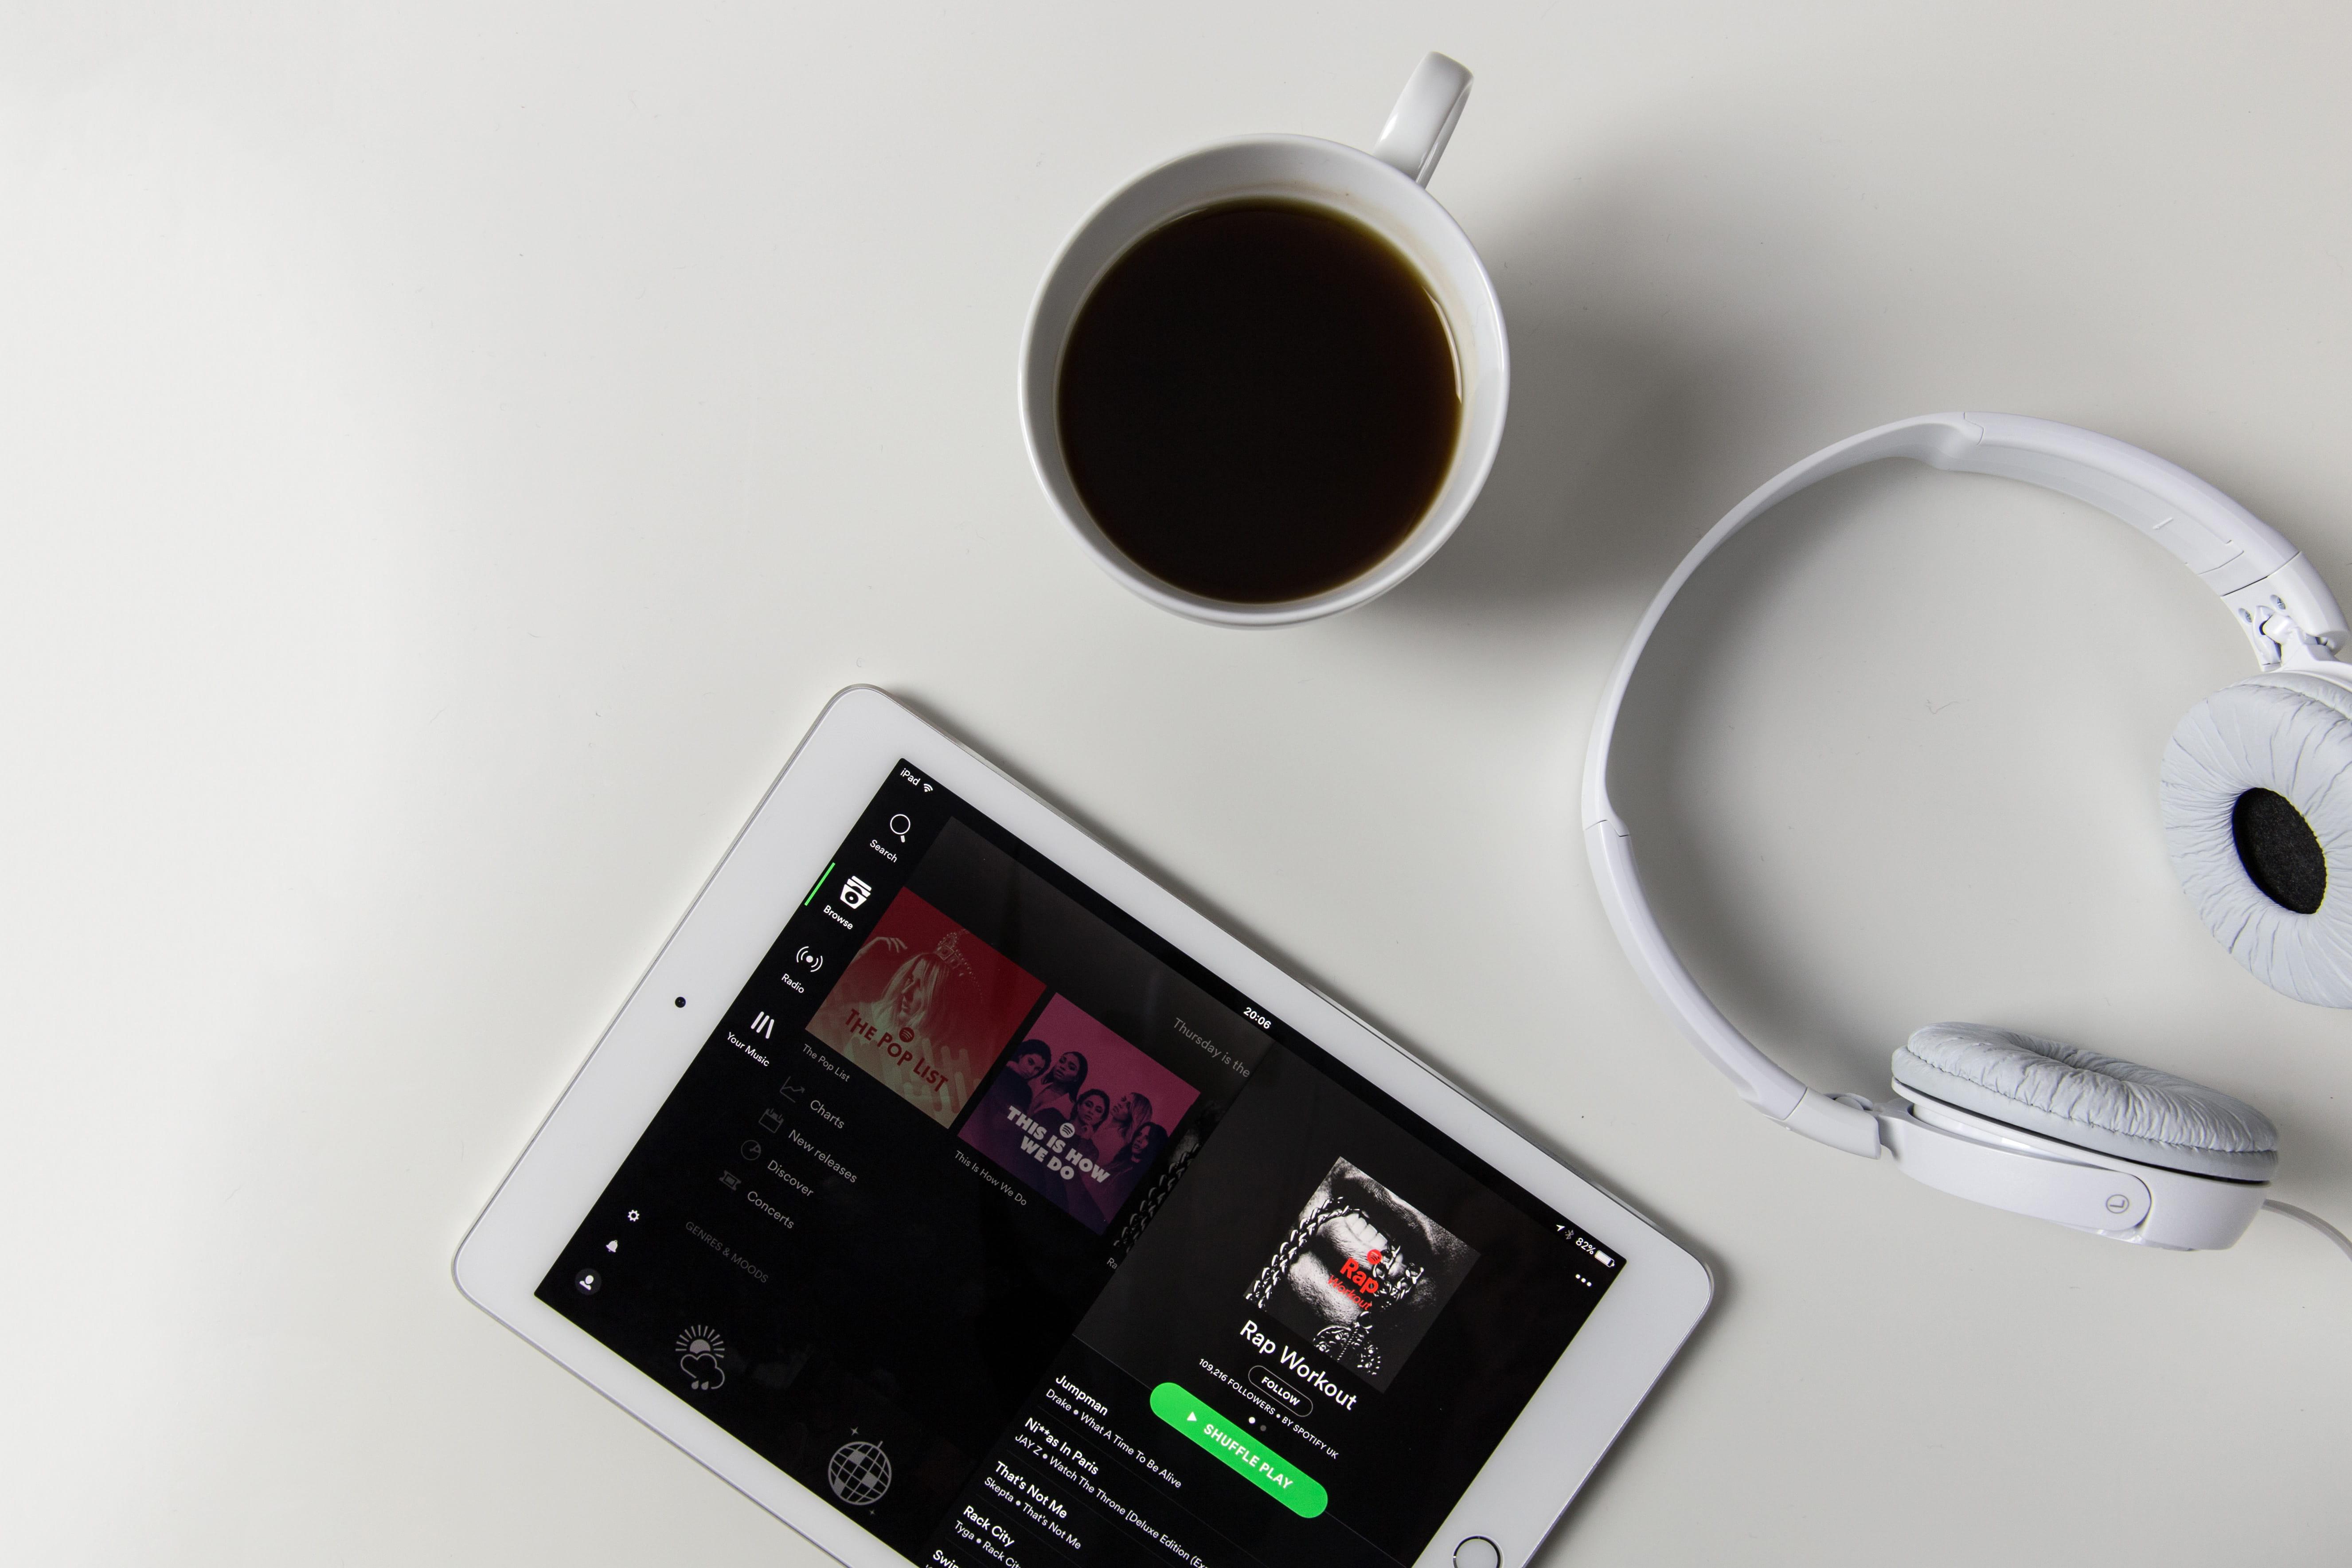 Spotify - Foto: pxfuel.com (publiek domein)